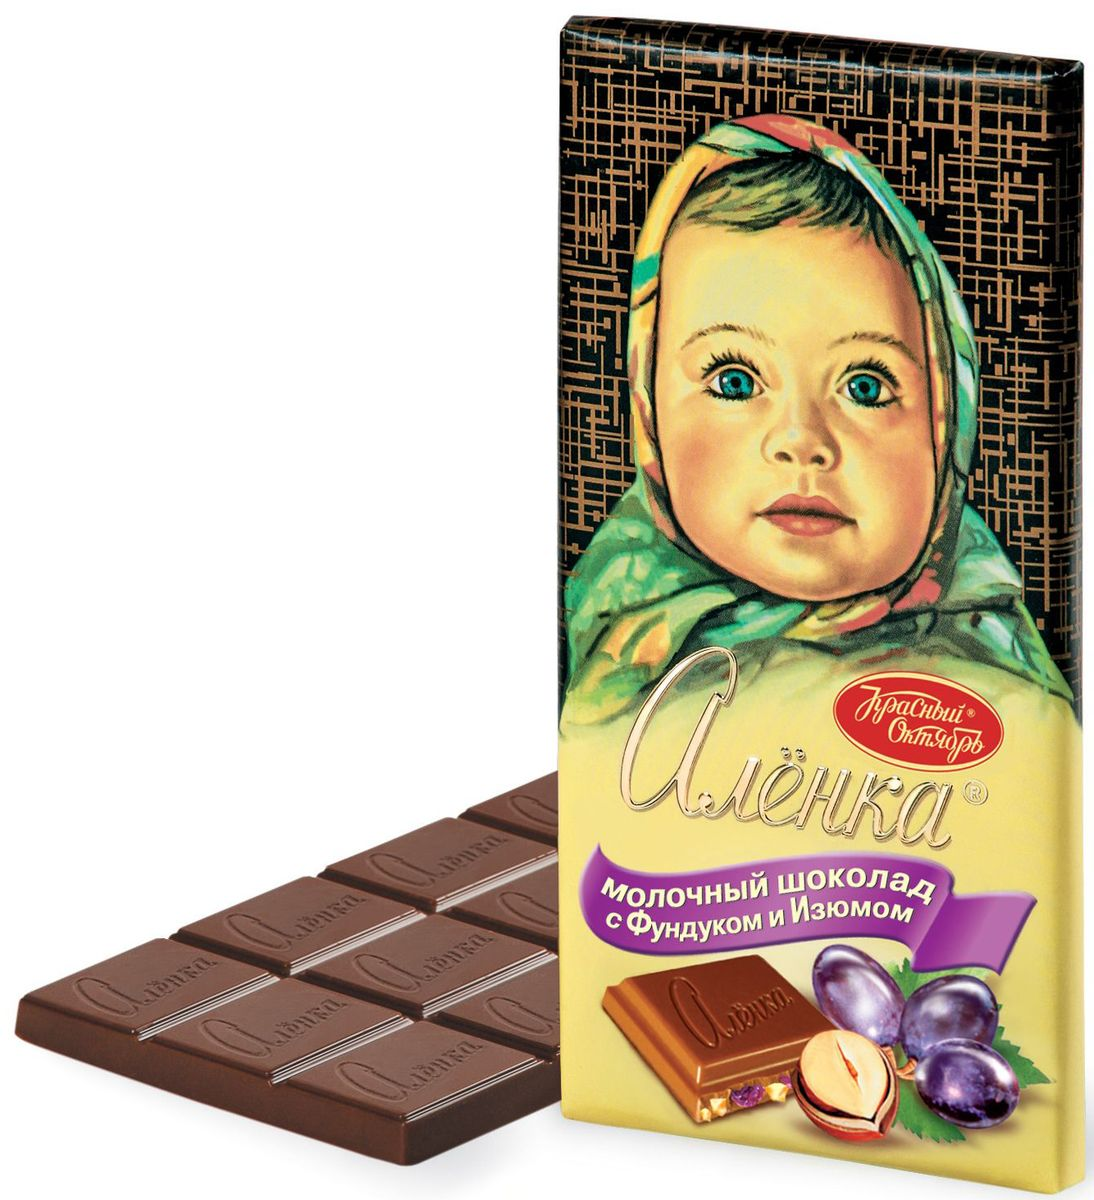 Красный Октябрь Аленка с фундуком и изюмом молочный шоколад, 100 г